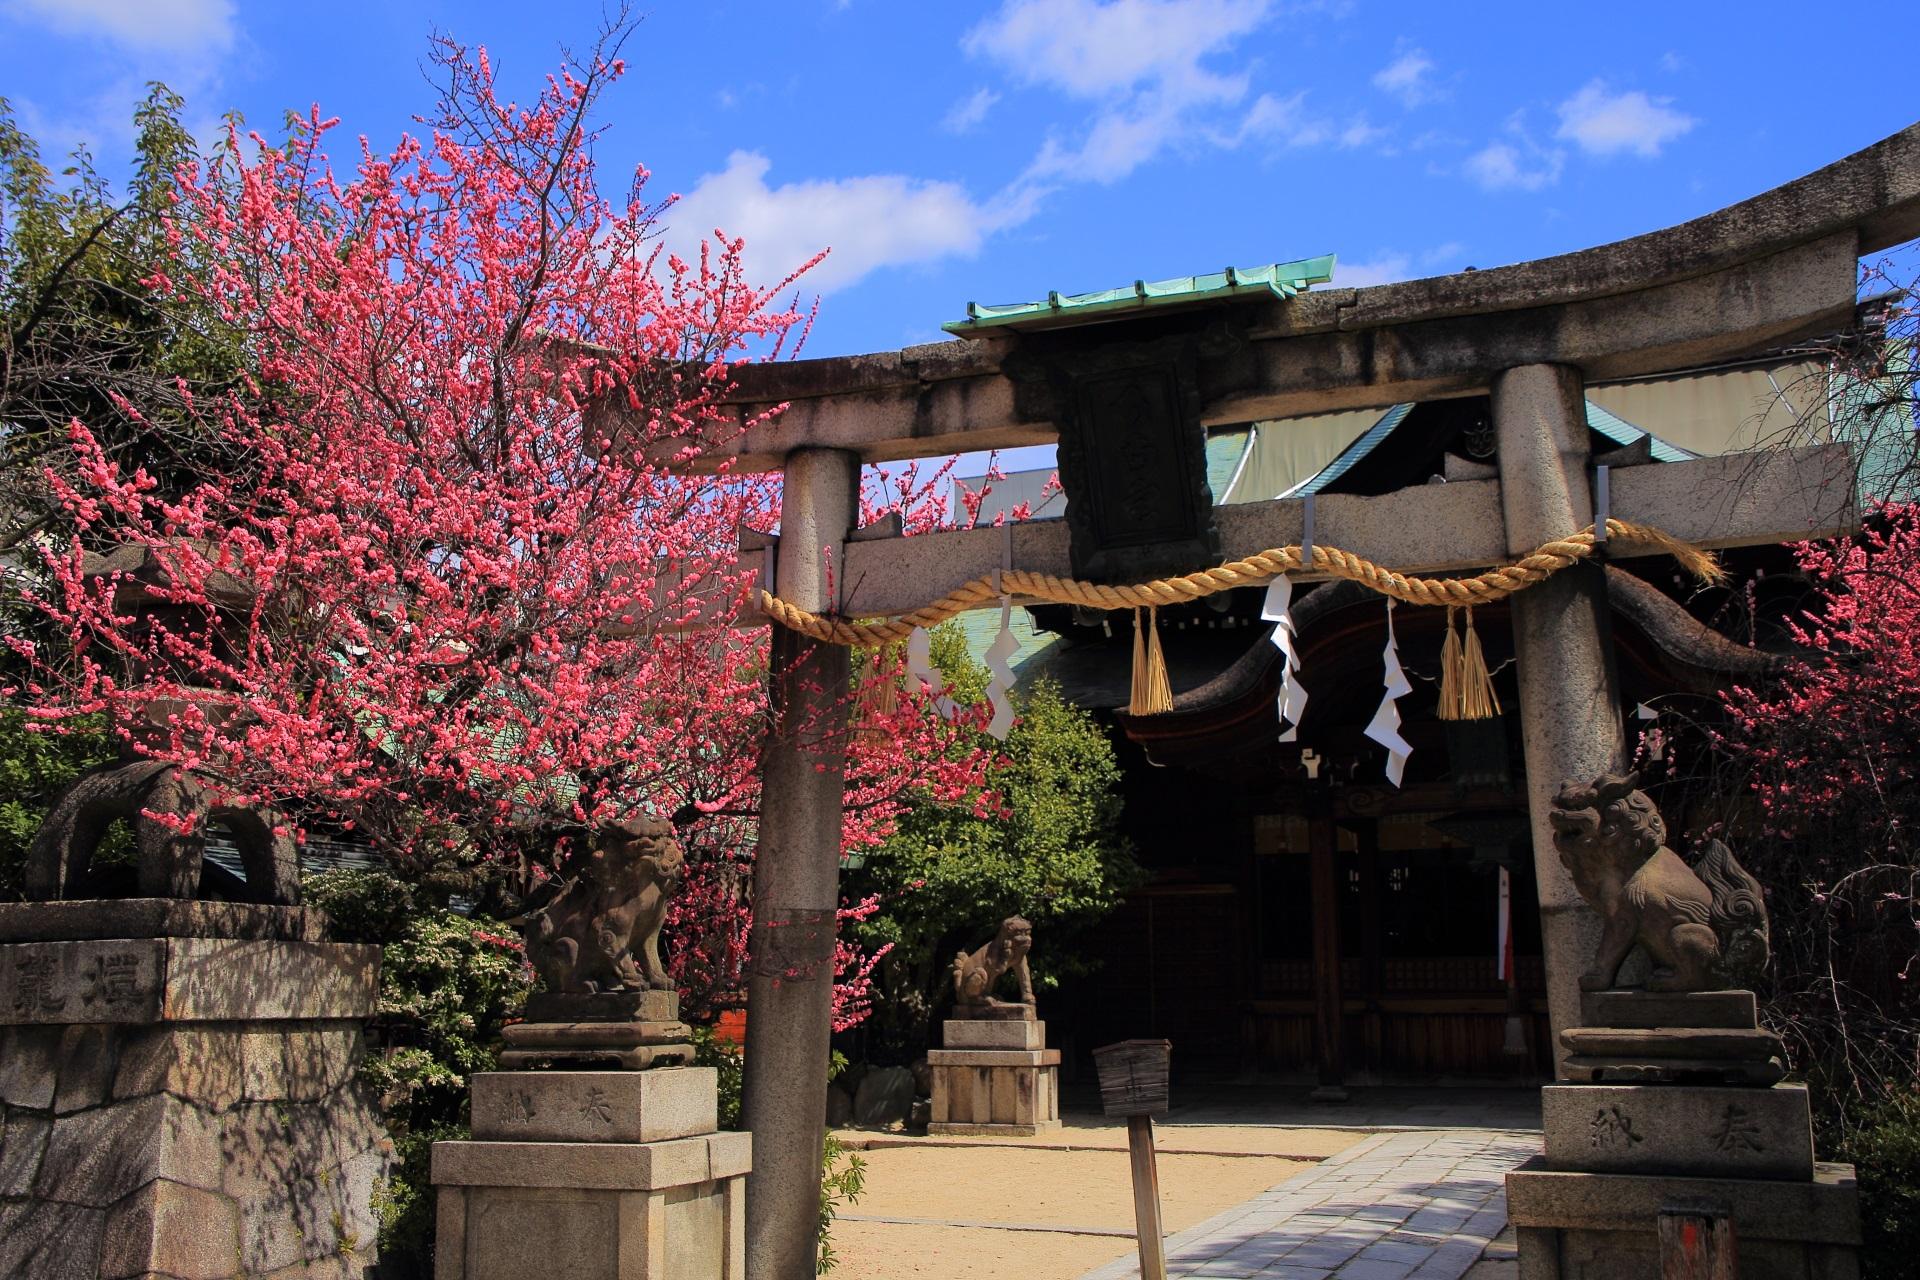 菅大臣神社の鳥居の紅梅と本殿の紅梅